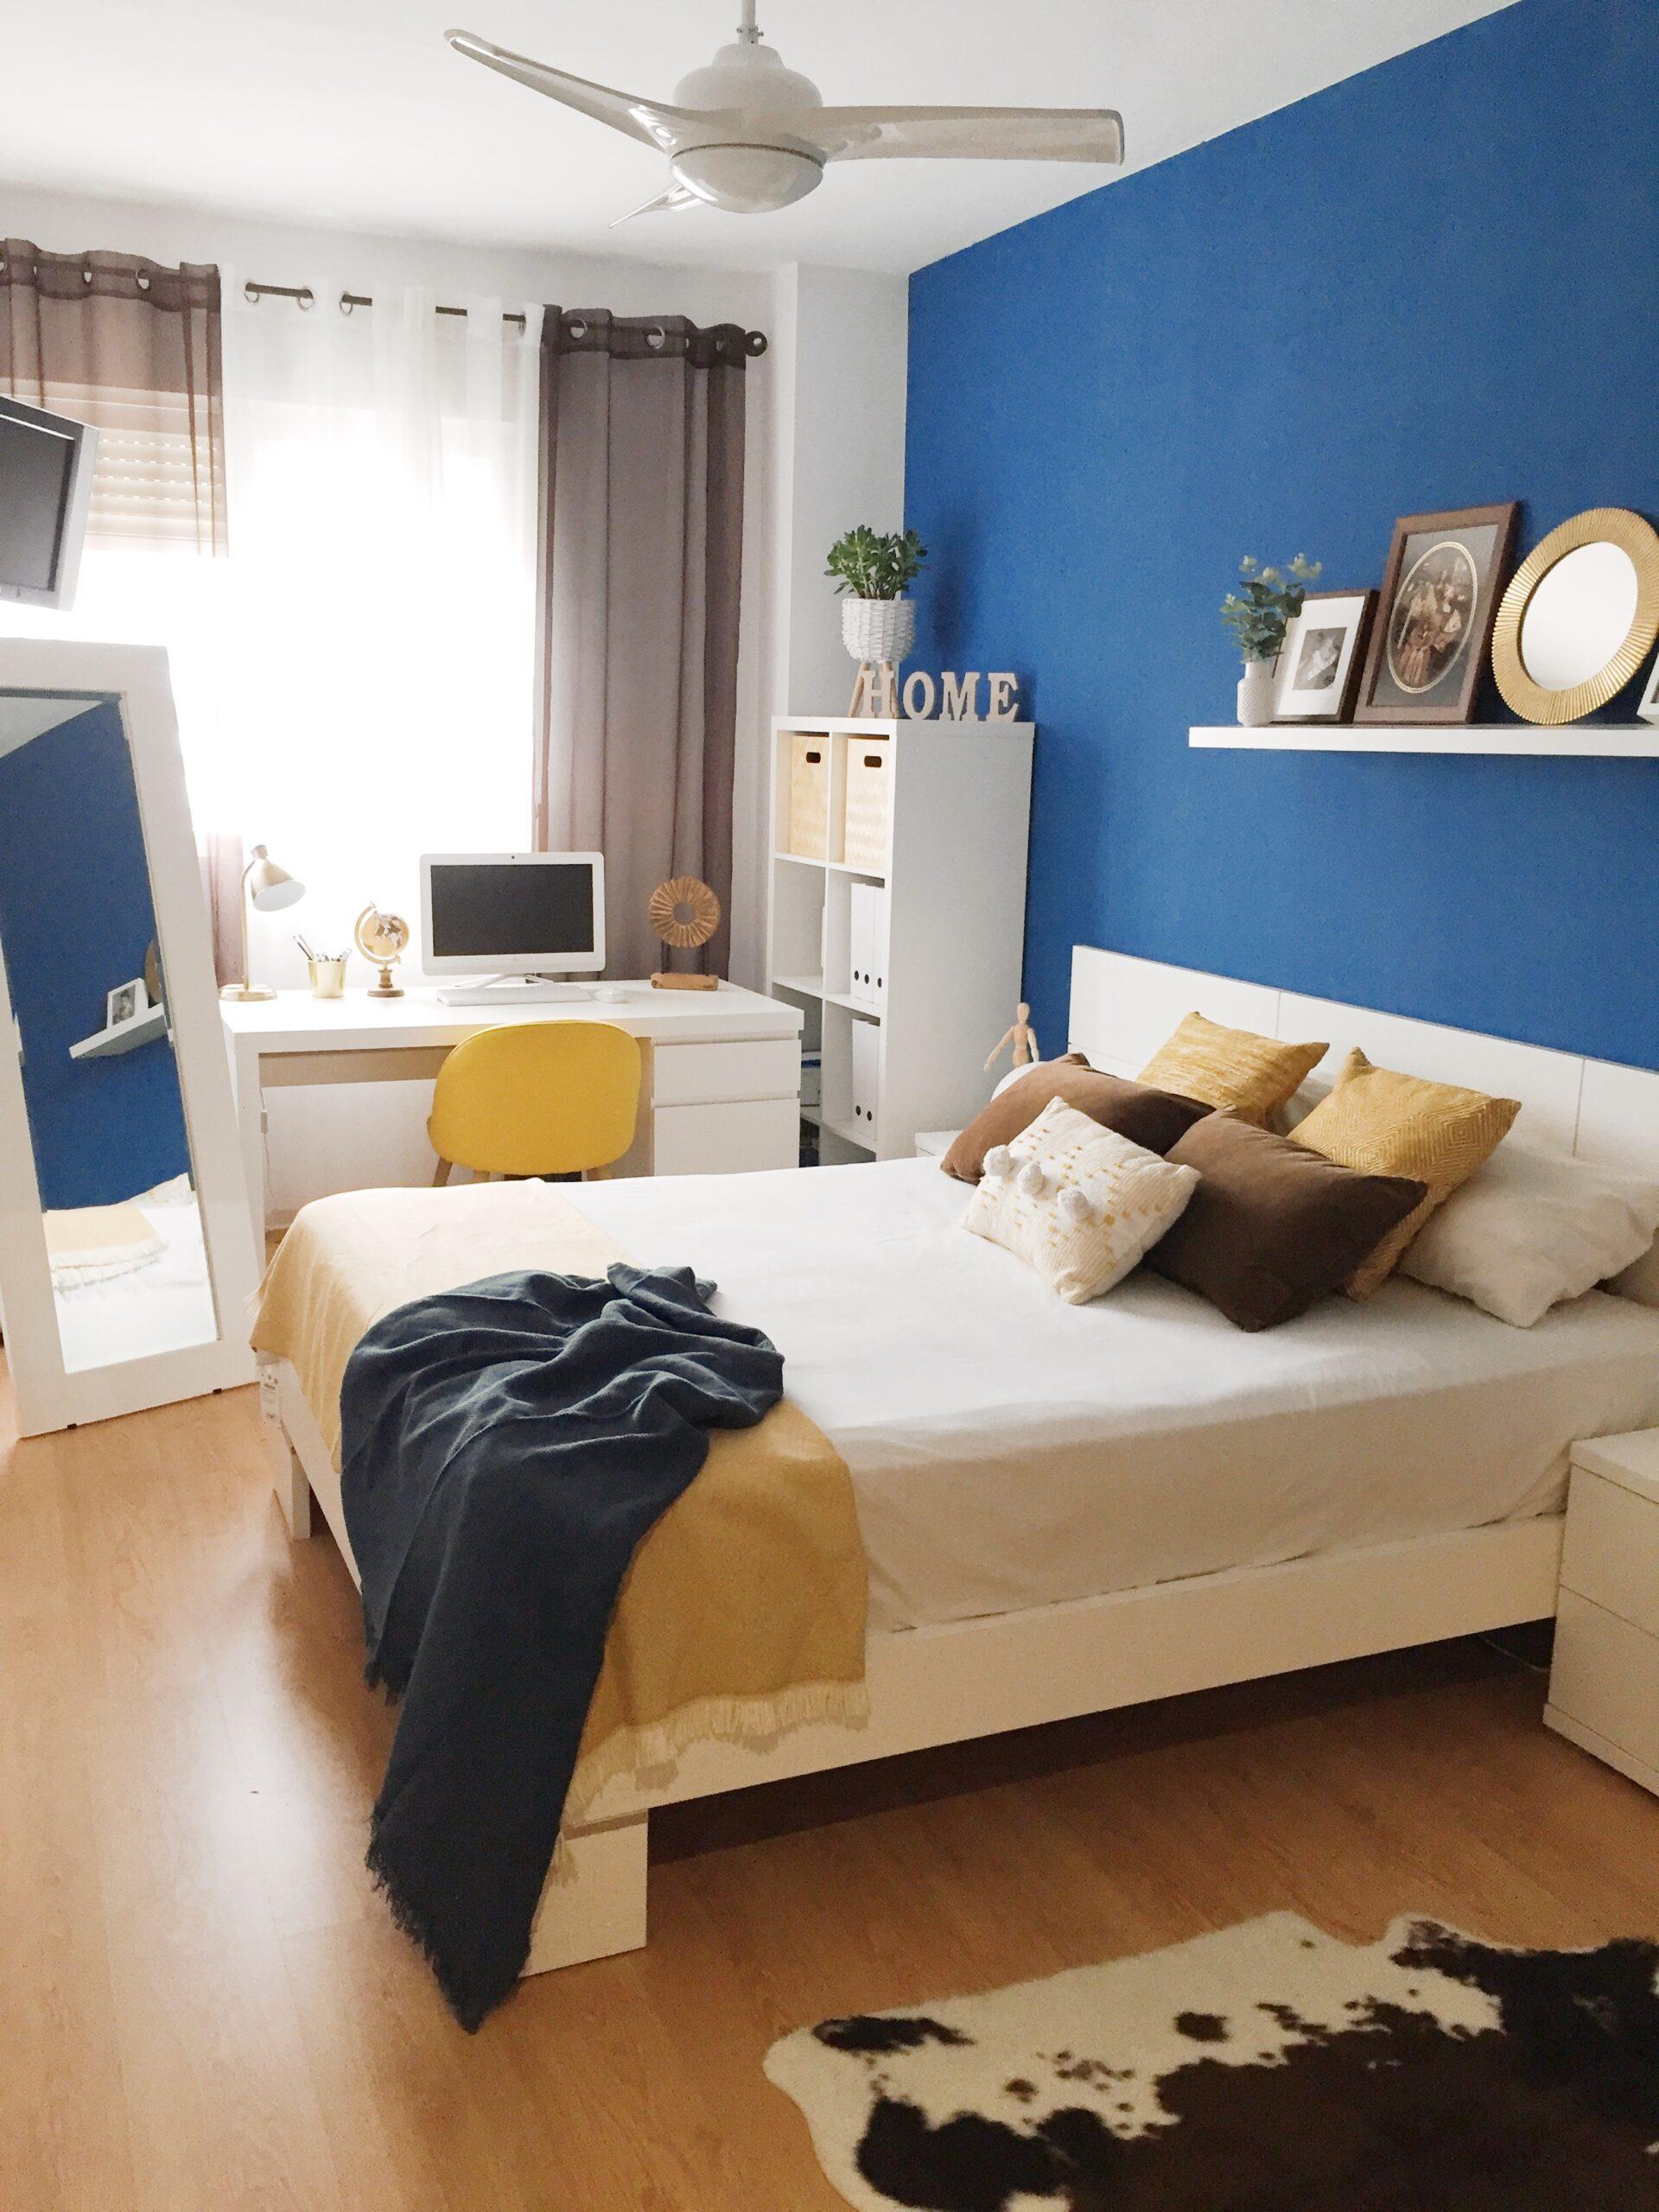 dormitorio con zona de trabajo antes de una renovación